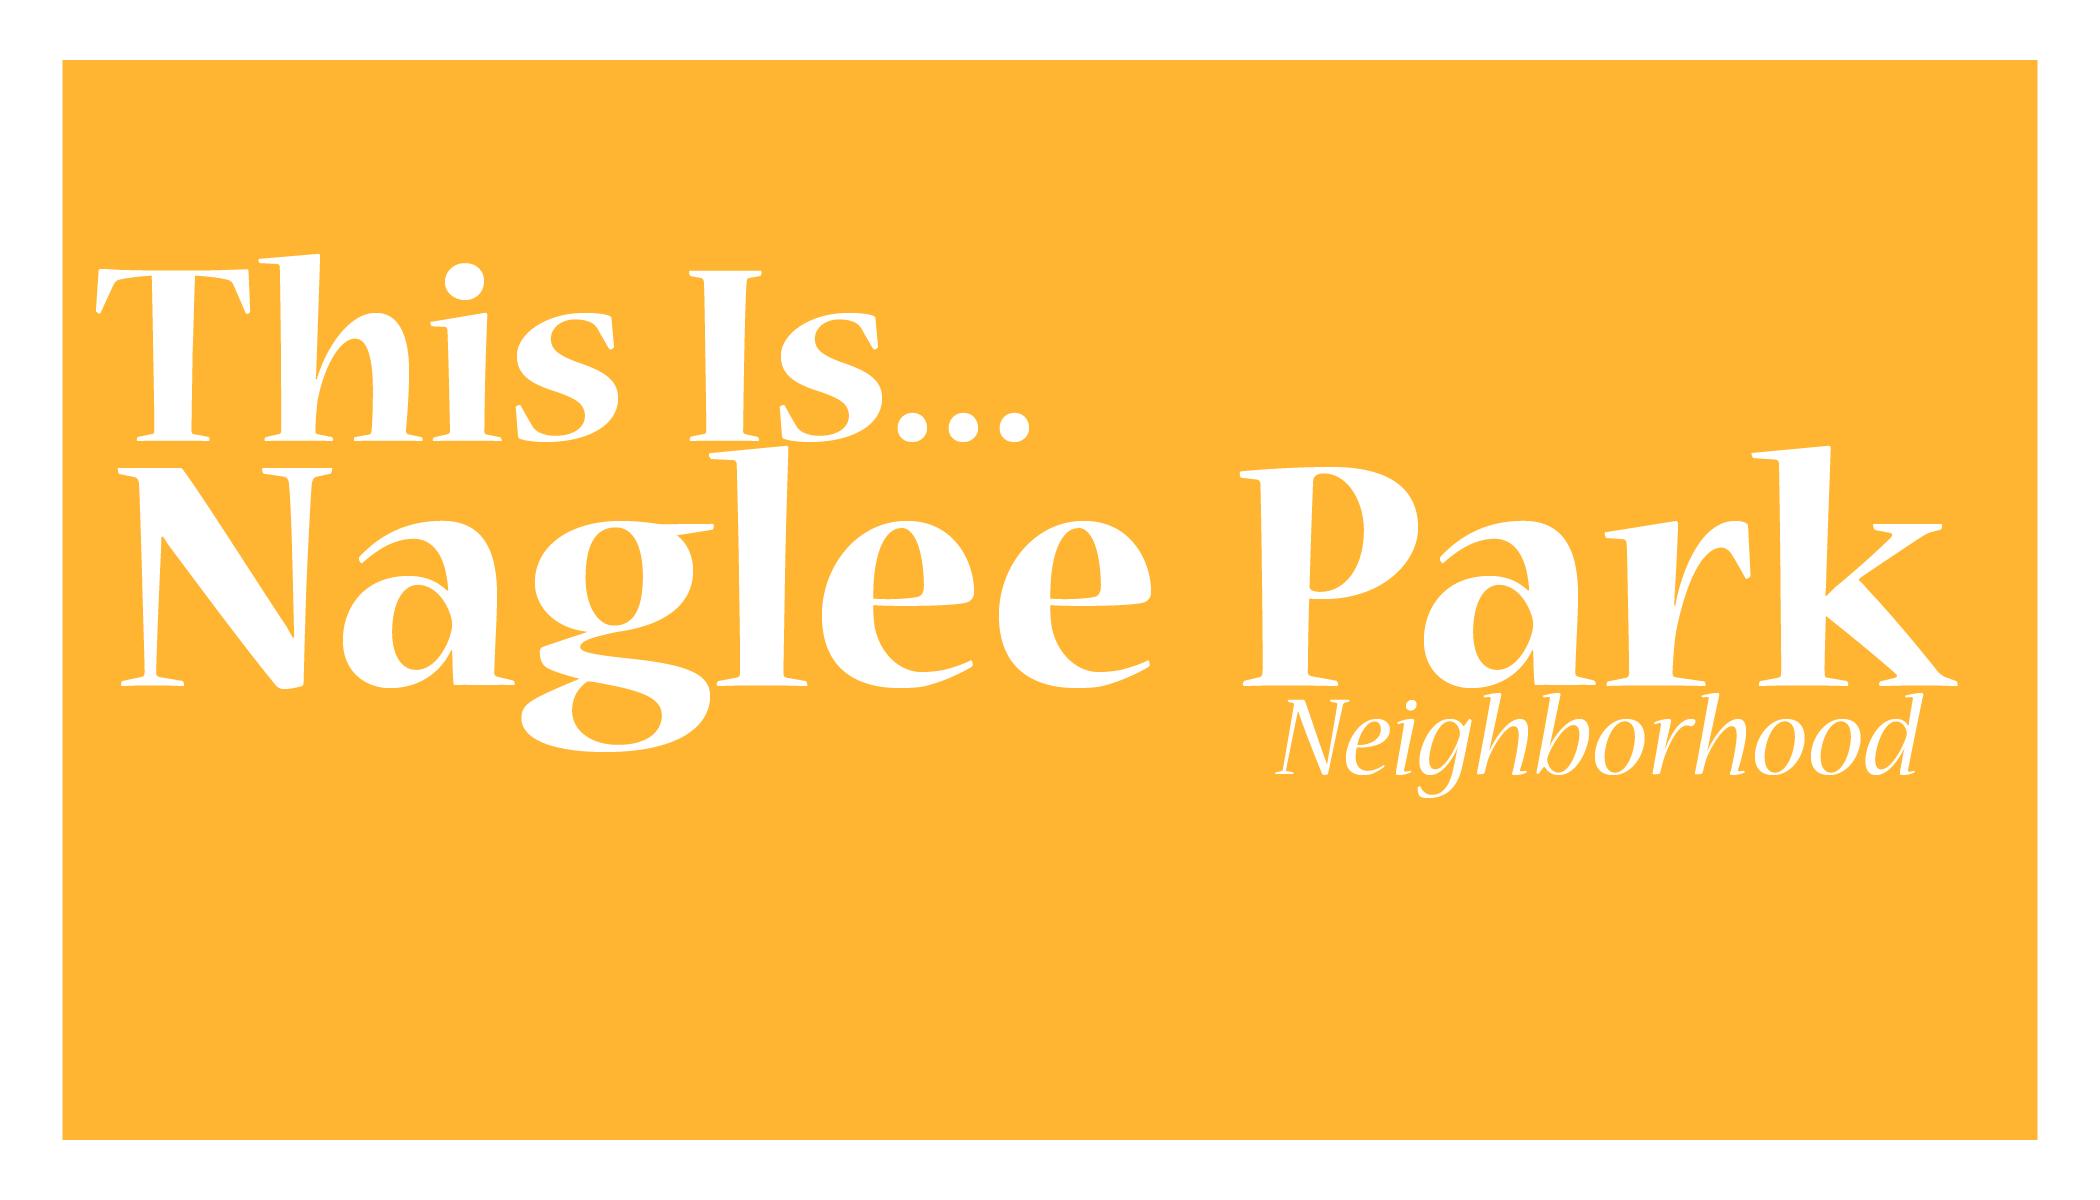 NagleePark-01.png